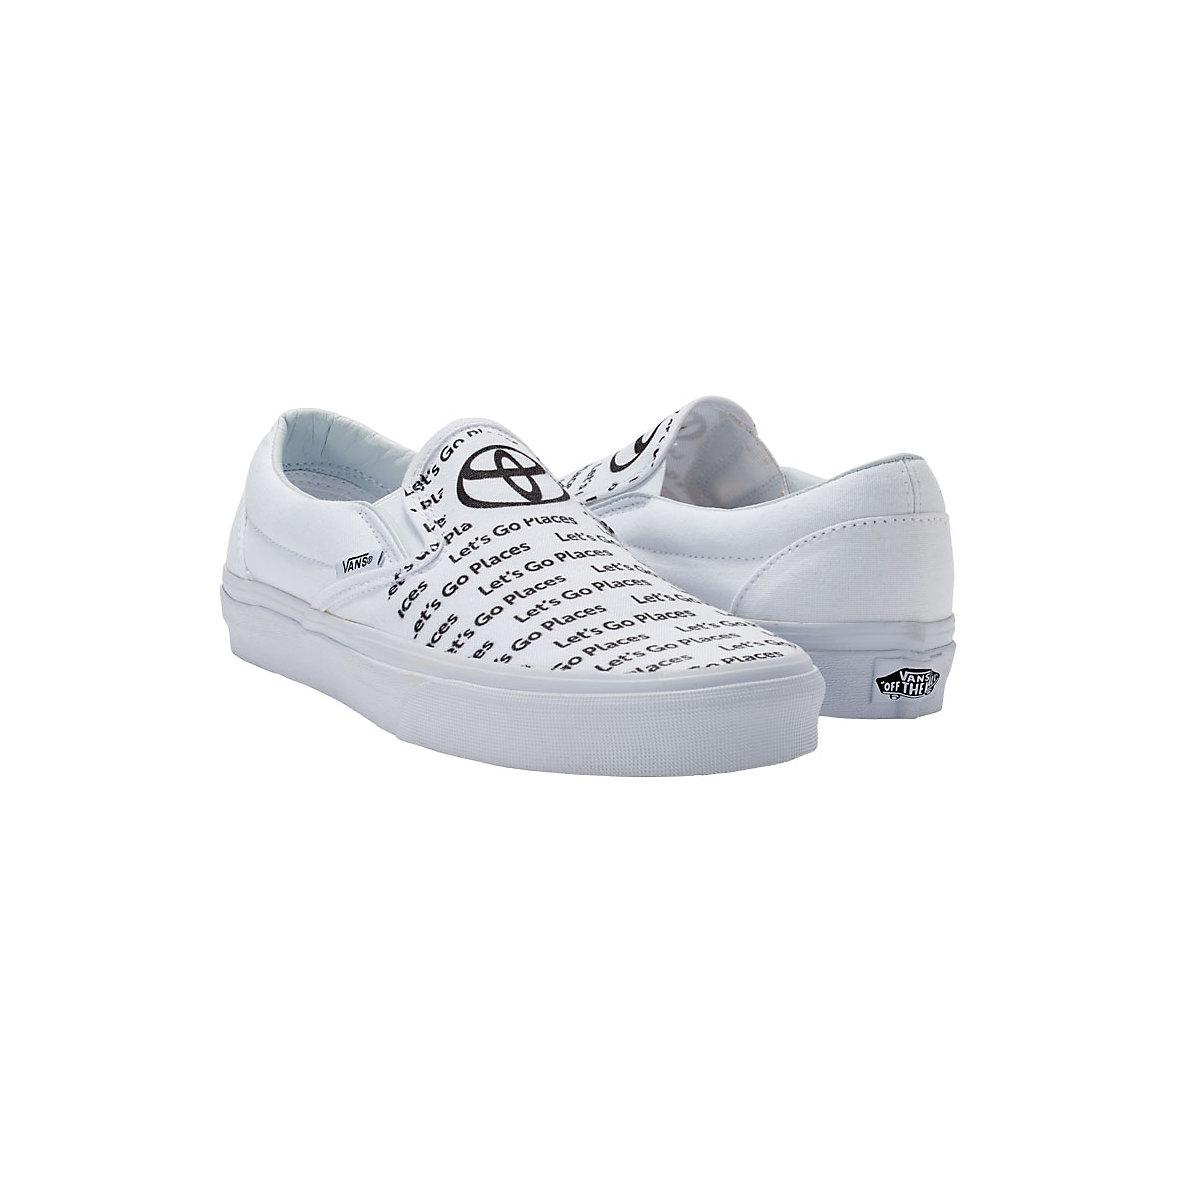 81e24bd890 Vans Custom Shoes Men s White